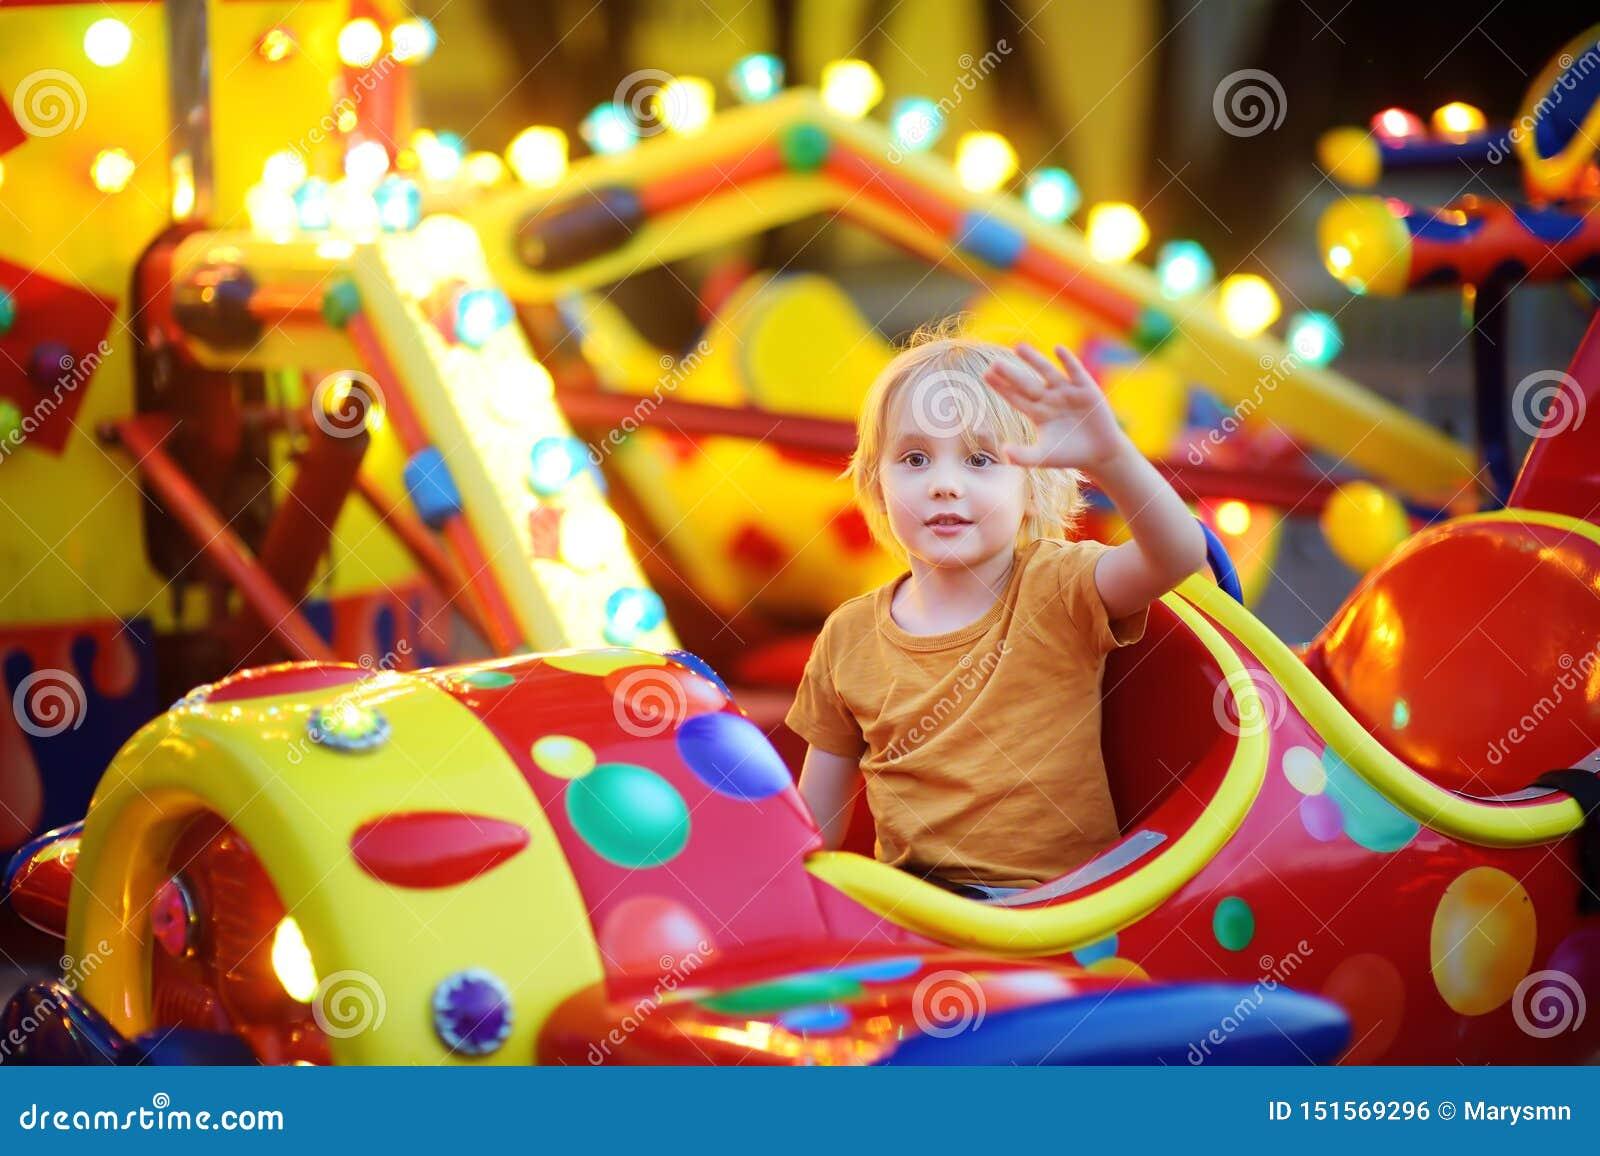 Peu de garçon ayant l amusement sur l attraction dans le parc public L équitation d enfant sur un joyeux vont rond à la soirée d